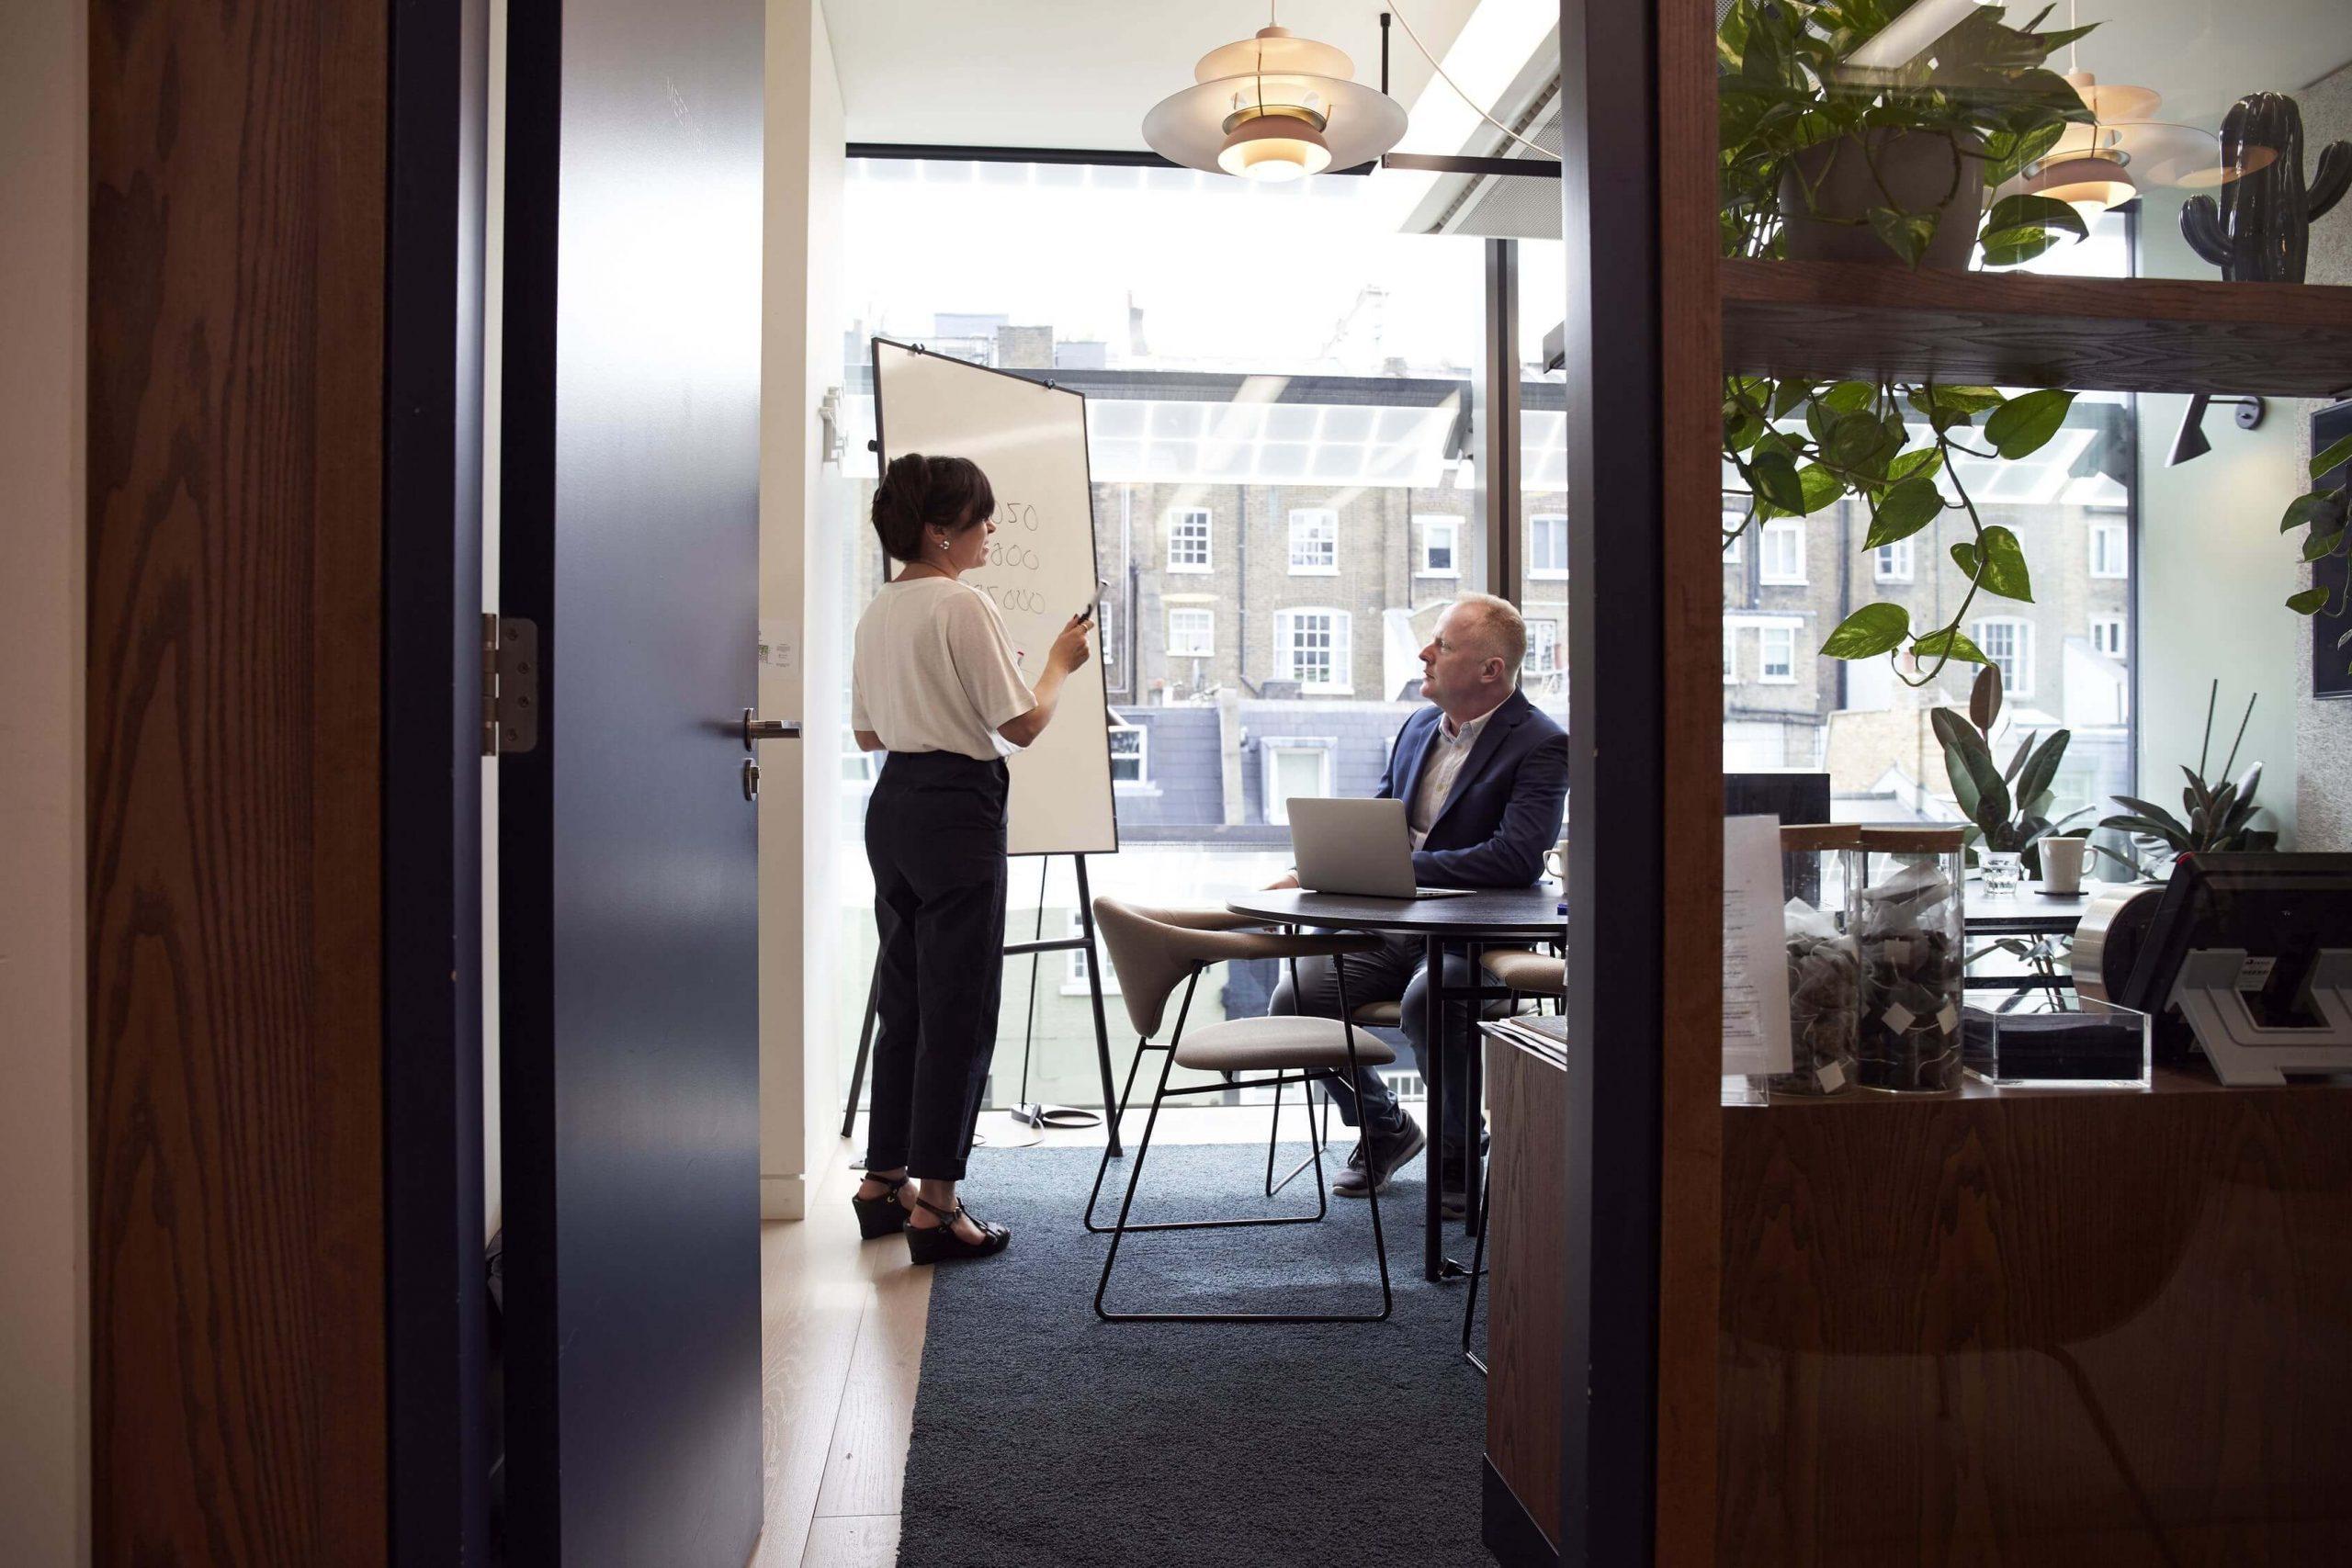 Wie neue Technologie Mitarbeiterzufriedenheit erhöhen kann techboys.de • smarte News, auf den Punkt!